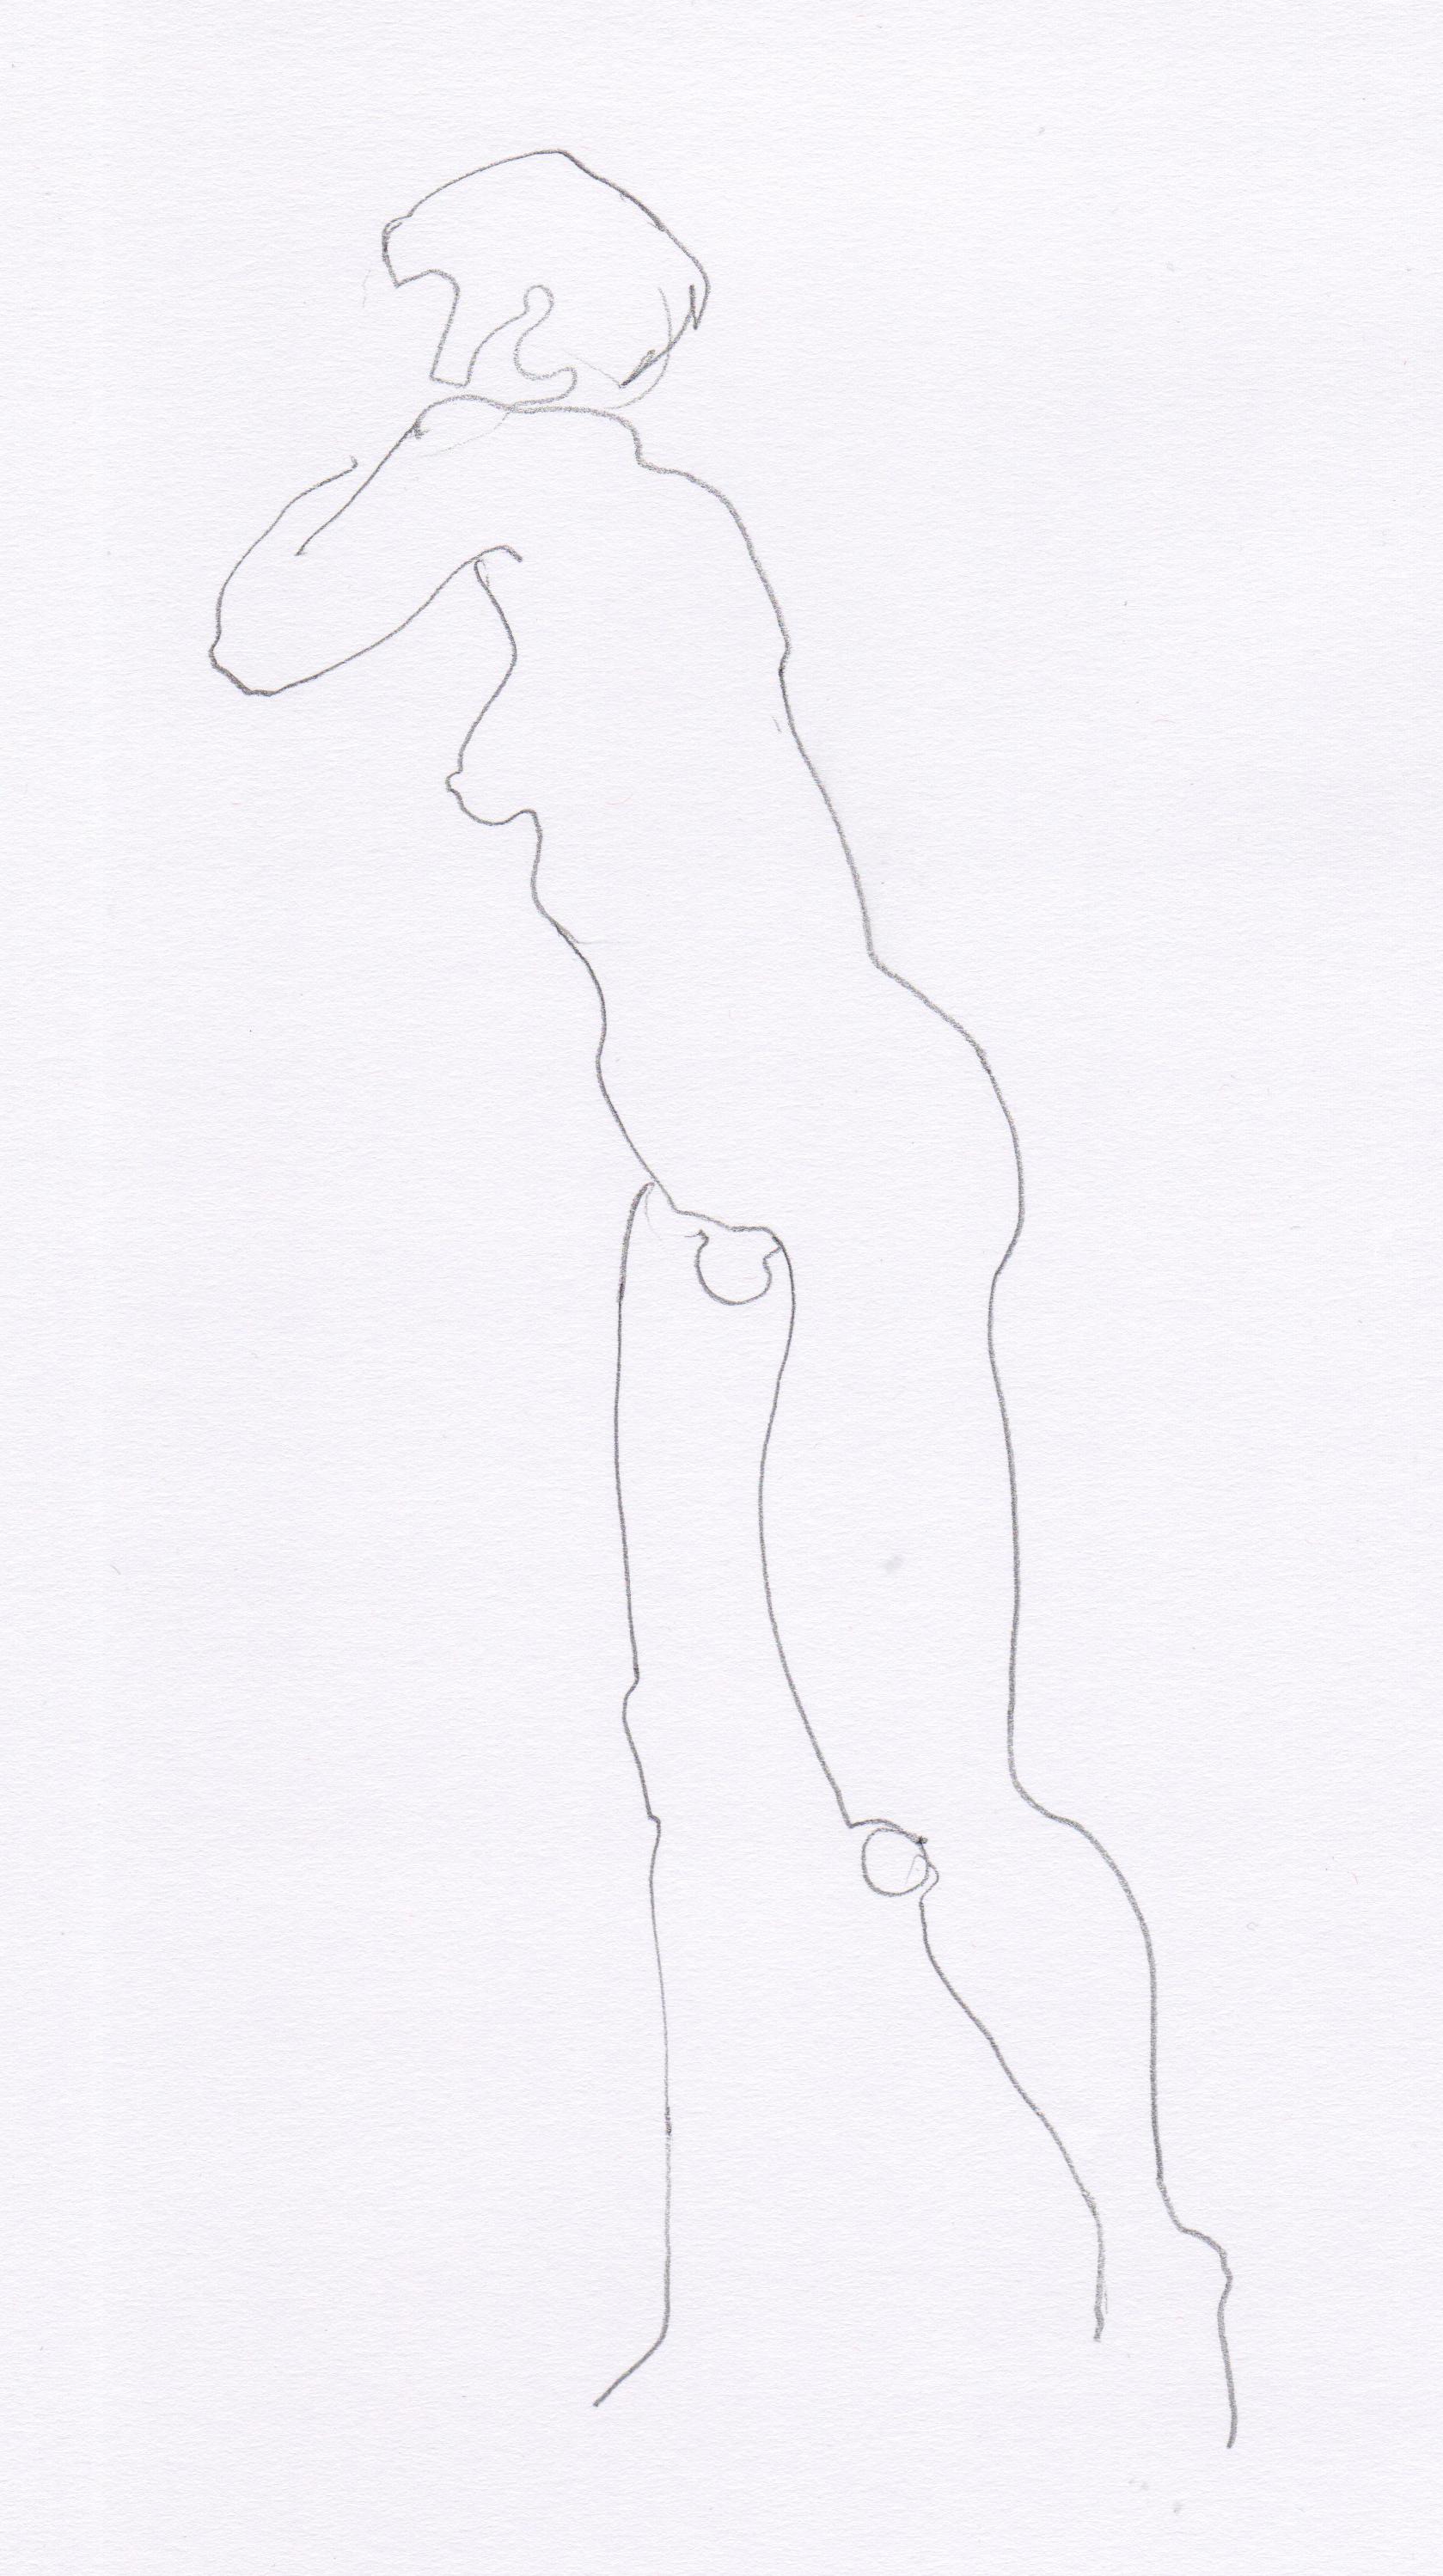 2012_Sketch_F-Beudin_Alice_08